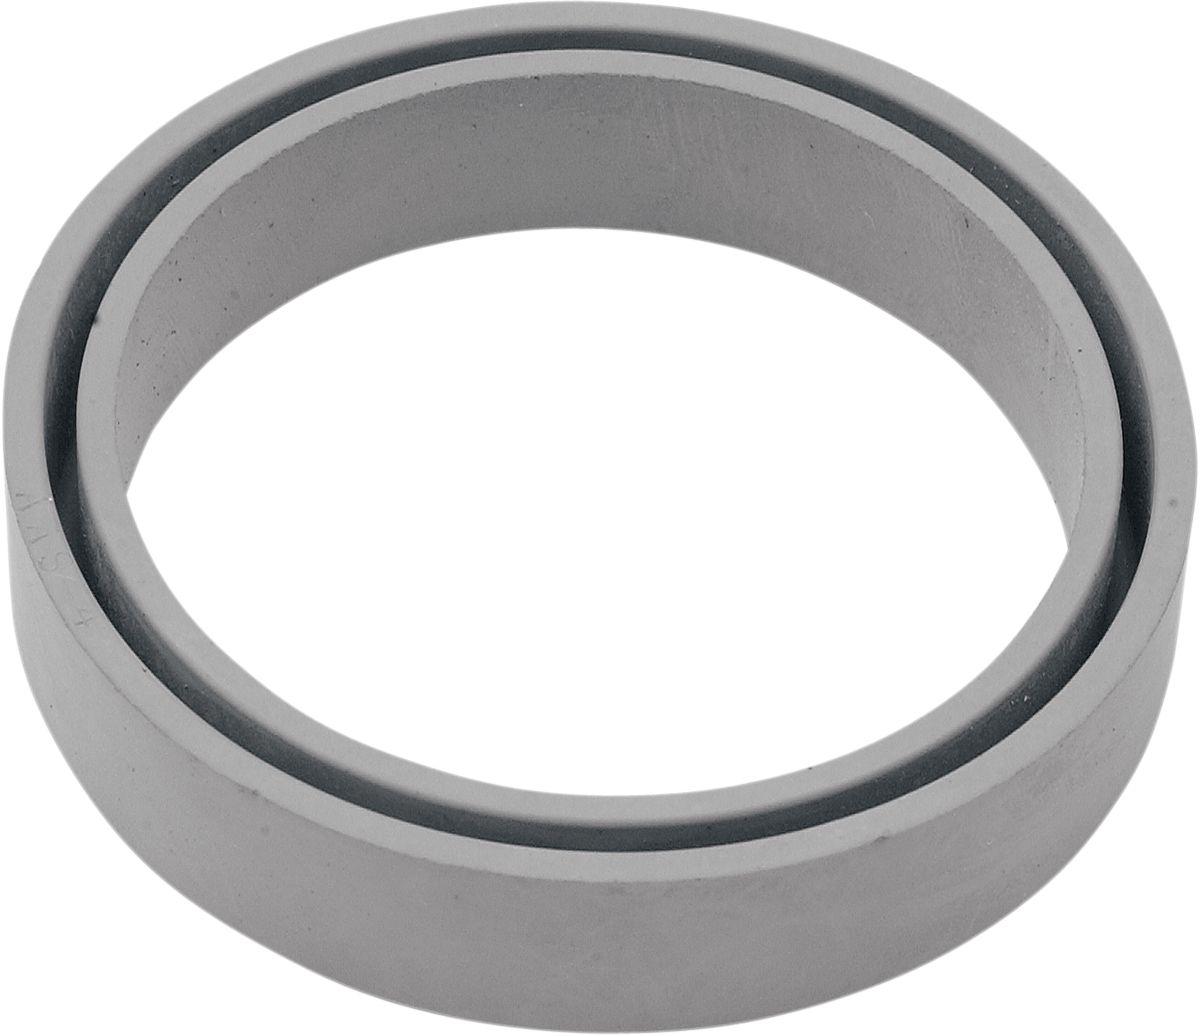 【S&S CYCLE】進氣歧管U型環/ 40-42mm 【U-RING 40-42MM [0934-0666]】 - 「Webike-摩托百貨」